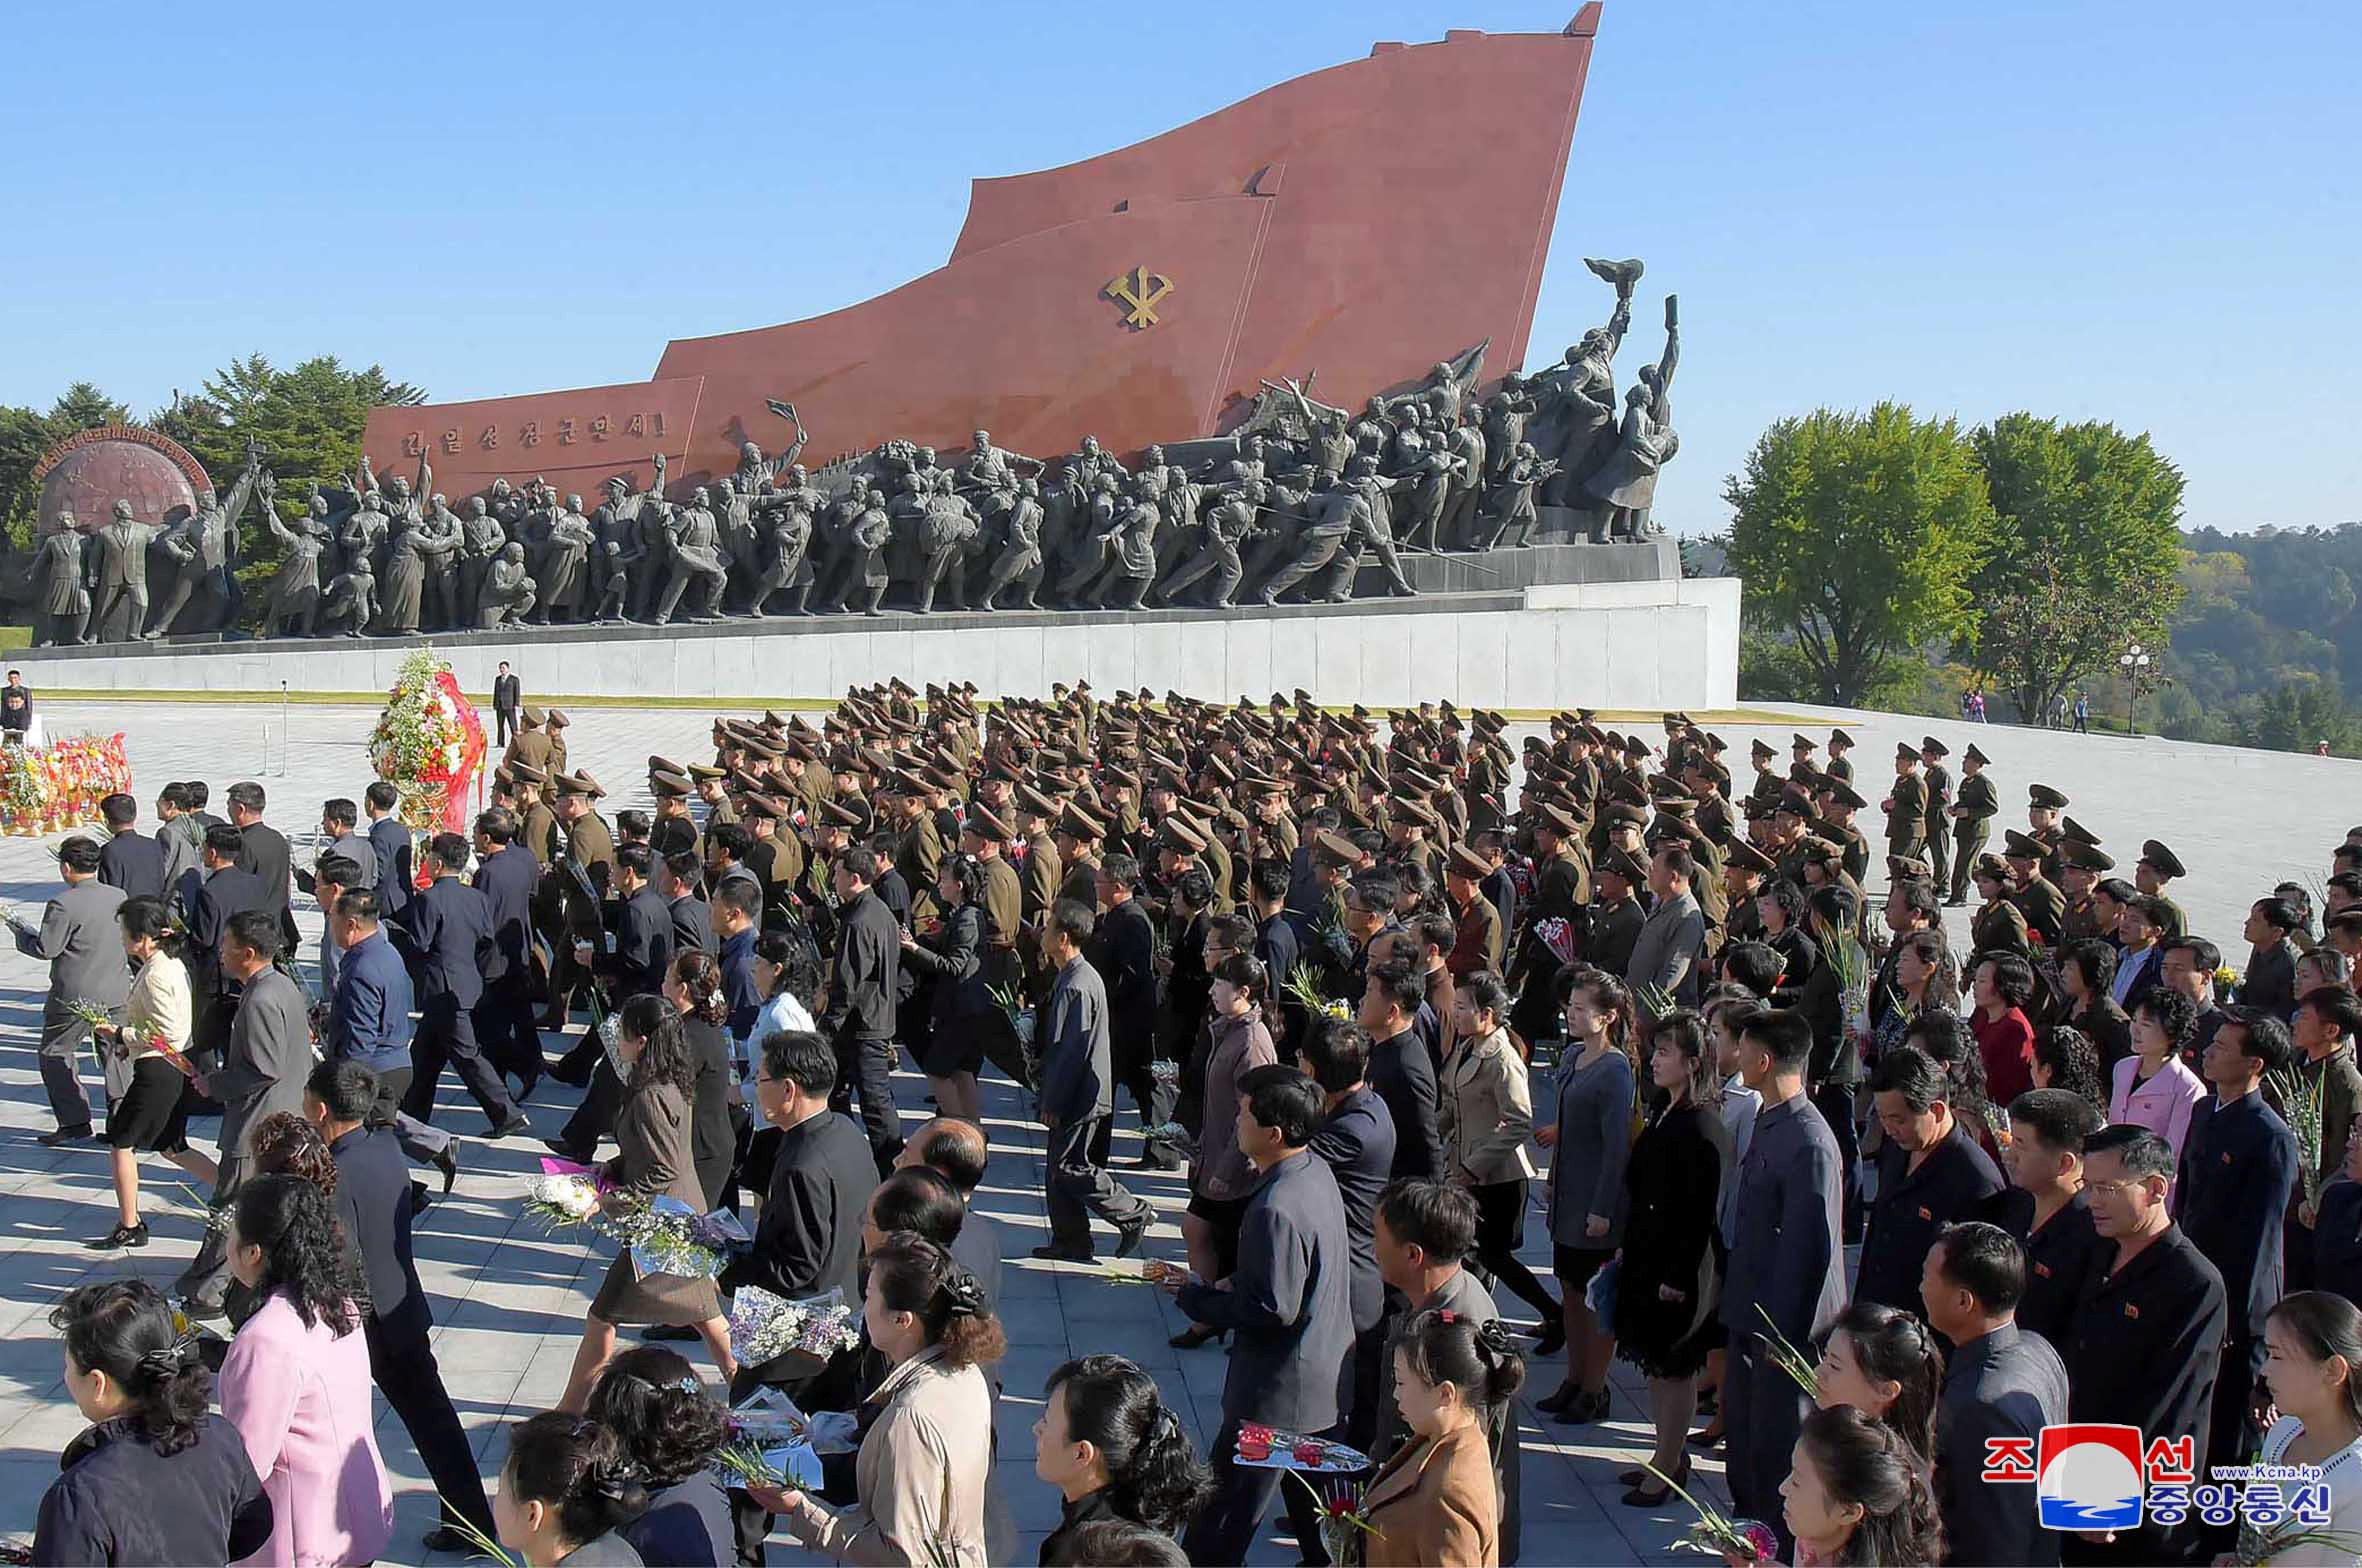 مواطنون وضباط فى تكريم كيم إل سونج مؤسس الدولة والحزب